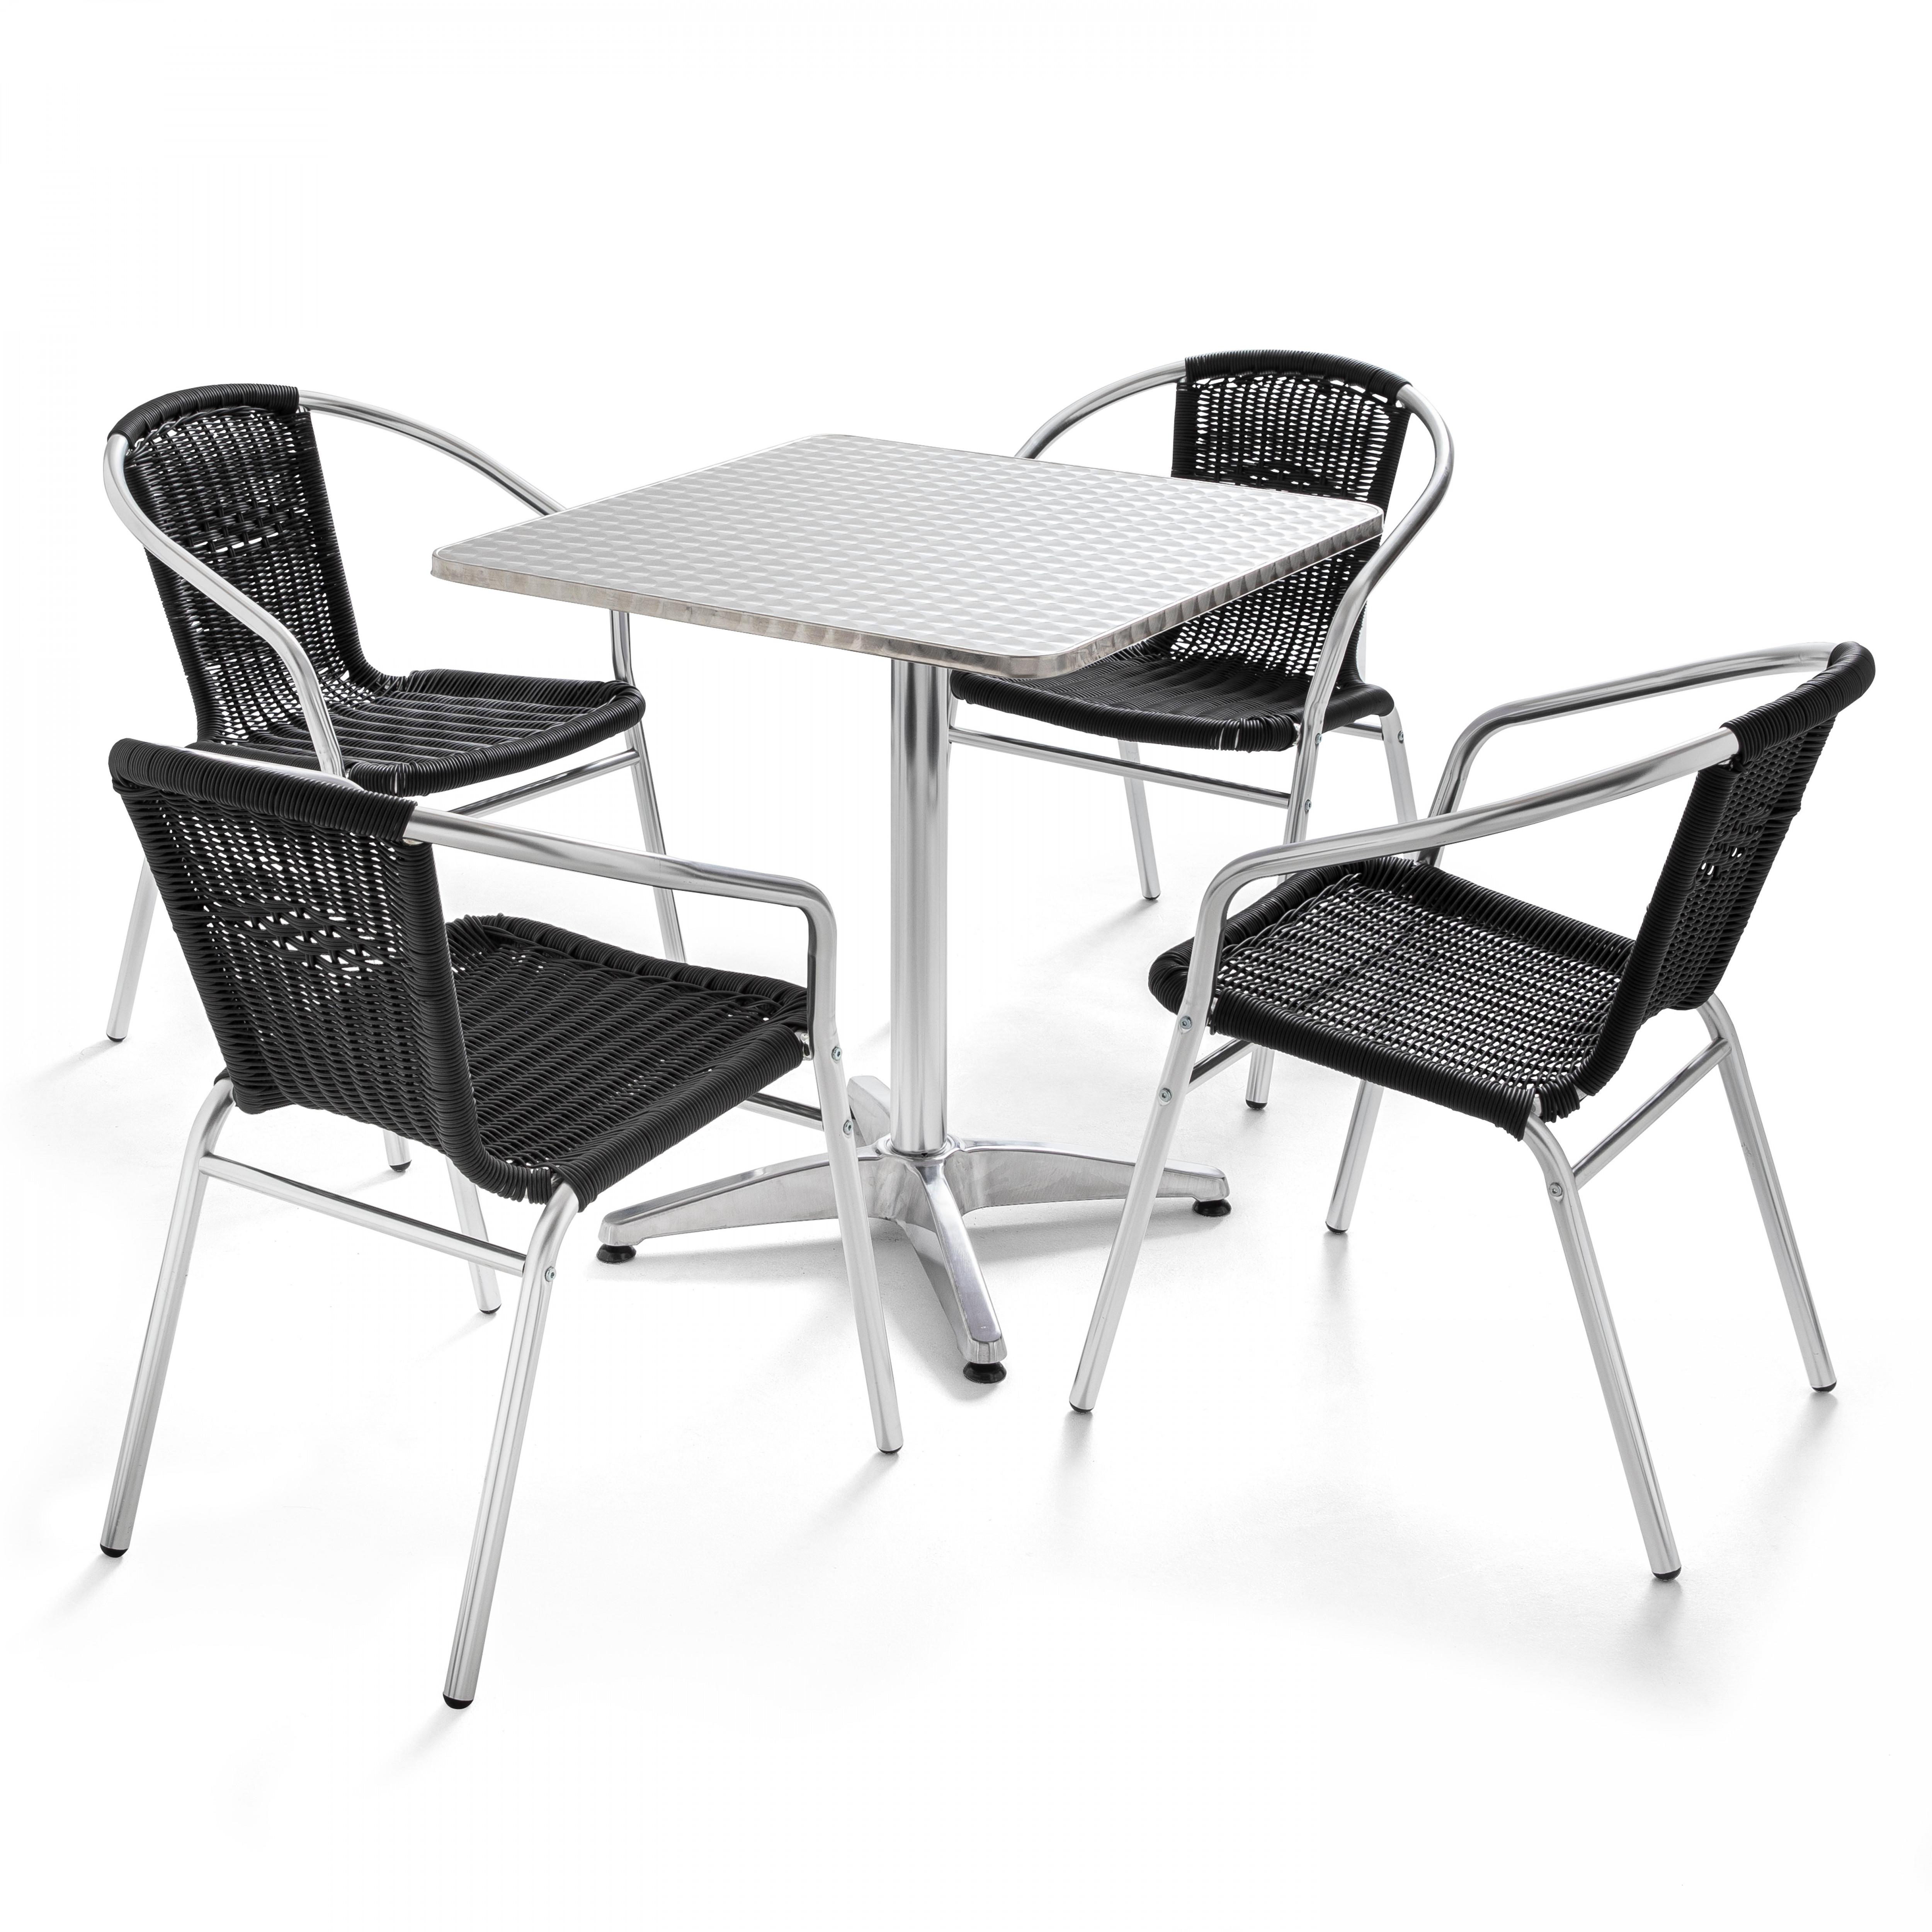 Table de jardin en alu et 4 fauteuils en résine tressée noir